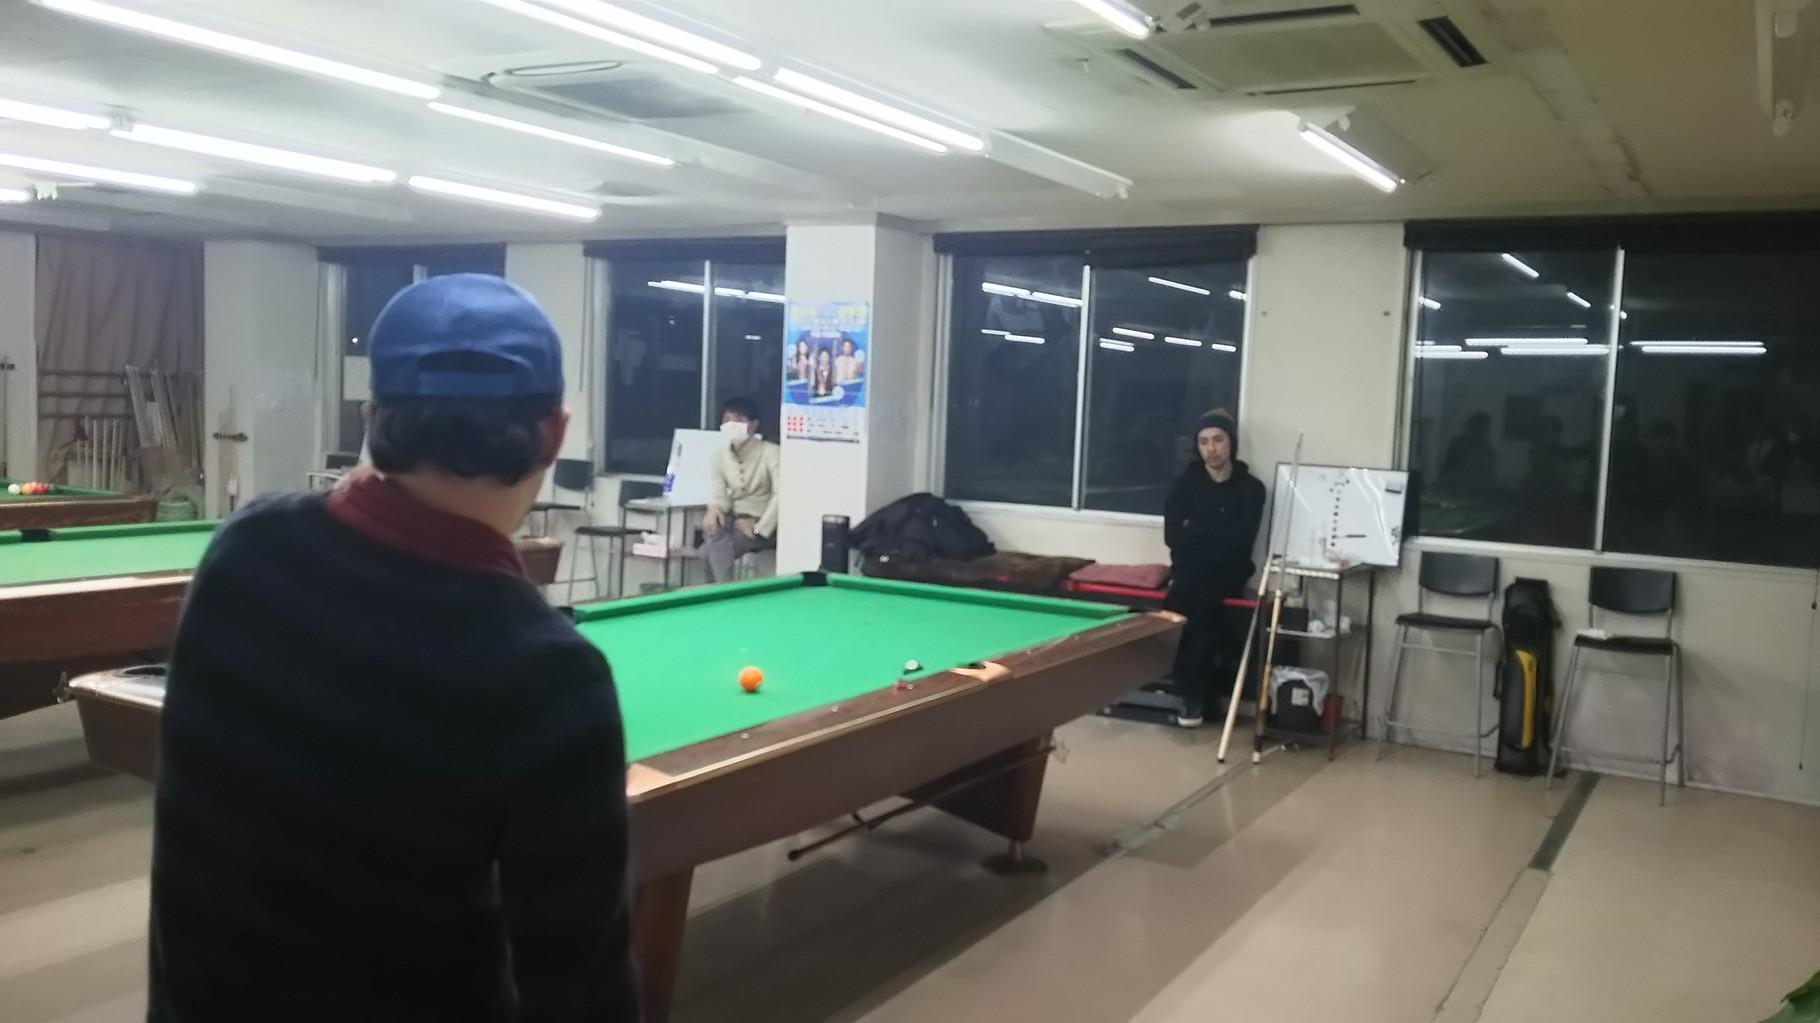 勝者側ファイナリスト。永藤さんと佐藤さん。気合い入ってましたねー